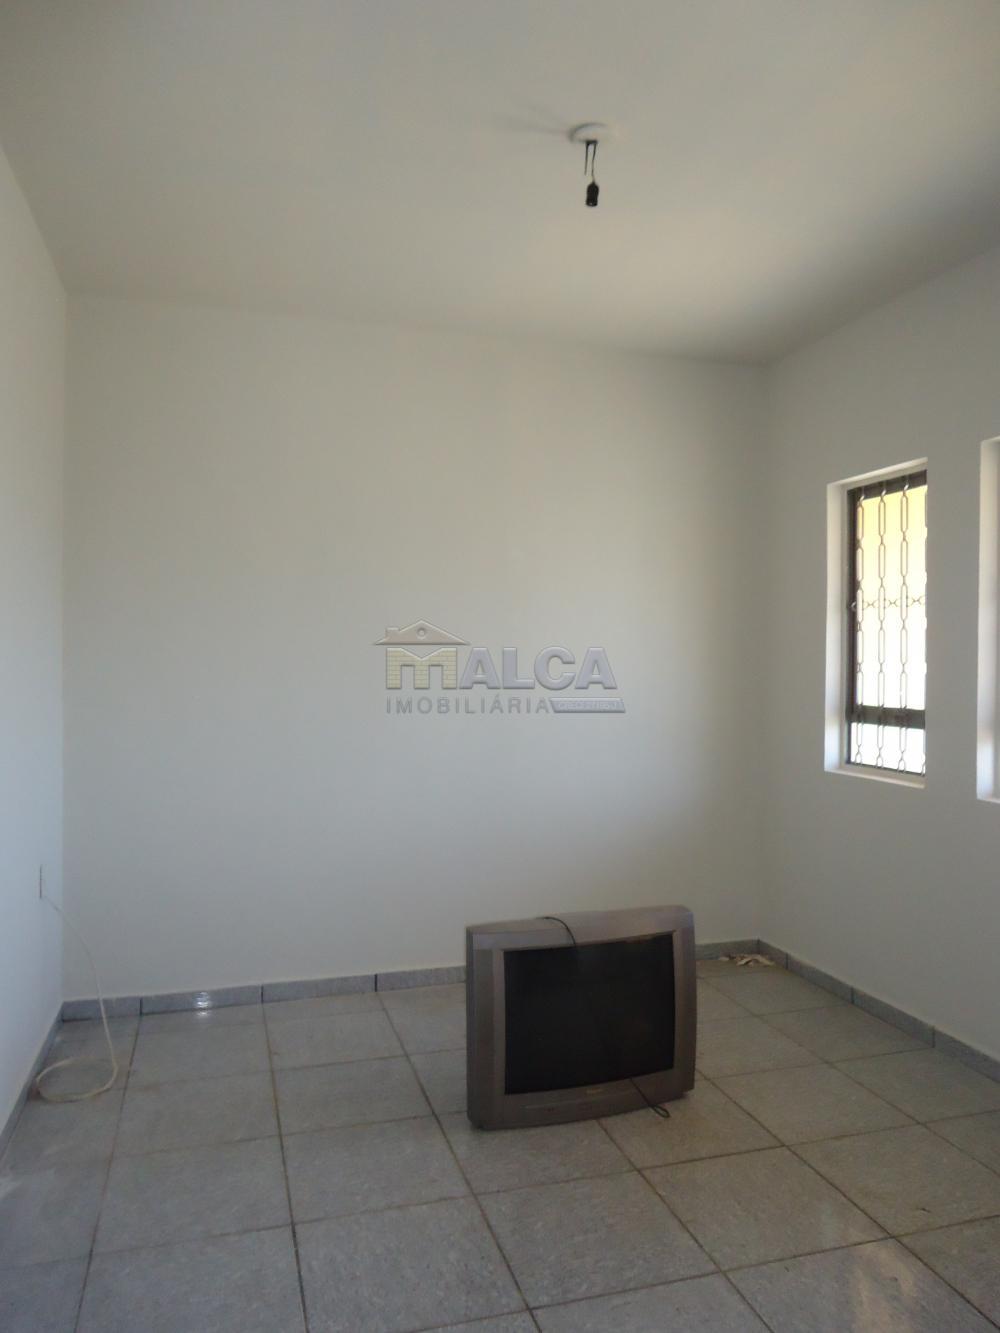 Alugar Casas / Padrão em São José do Rio Pardo apenas R$ 650,00 - Foto 6